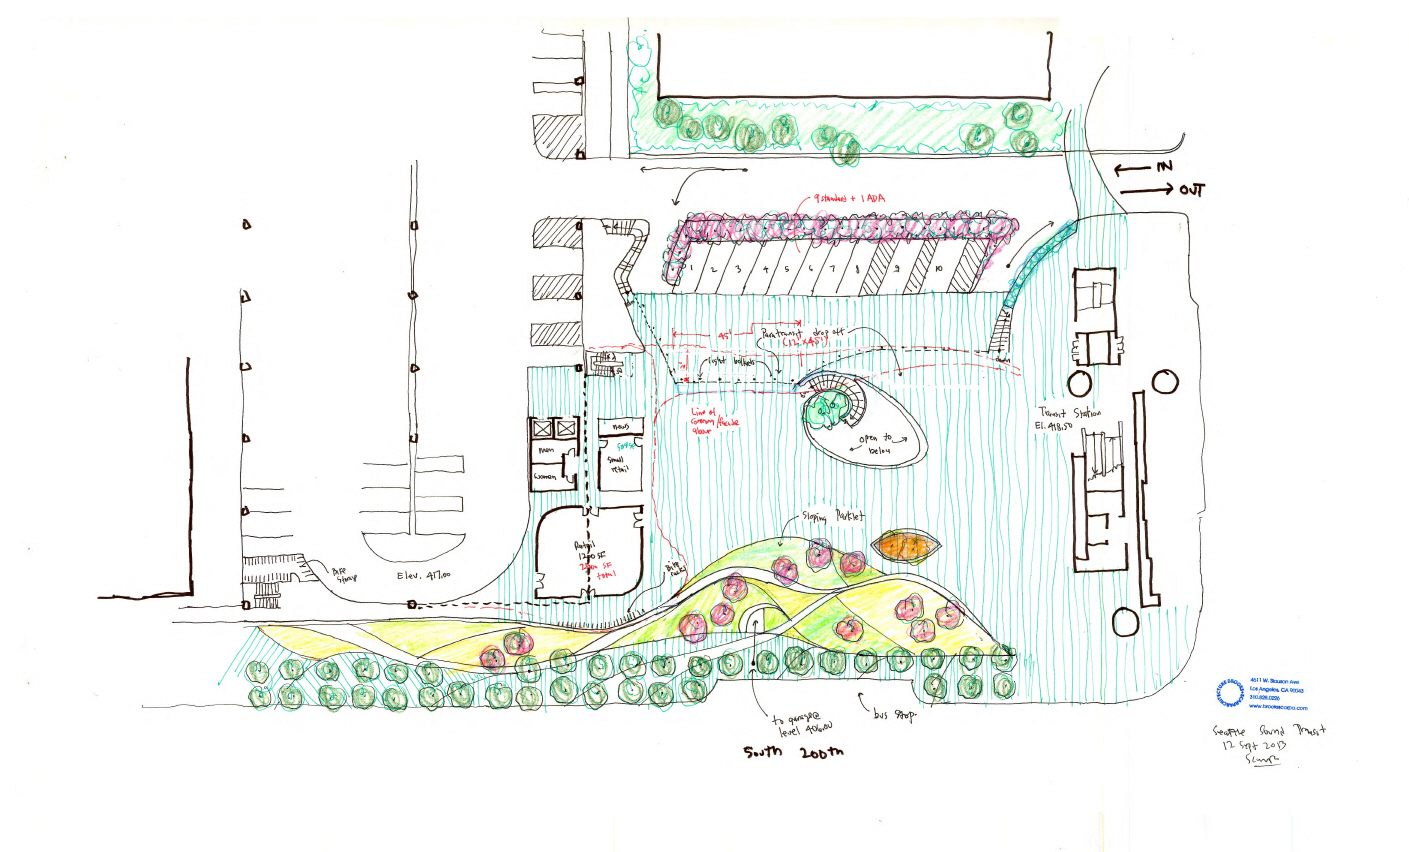 〔안정원의 건축 칼럼〕 안무가의 댄스 기하학에서 공간 라인을 매칭한 유기적인 디자인 3